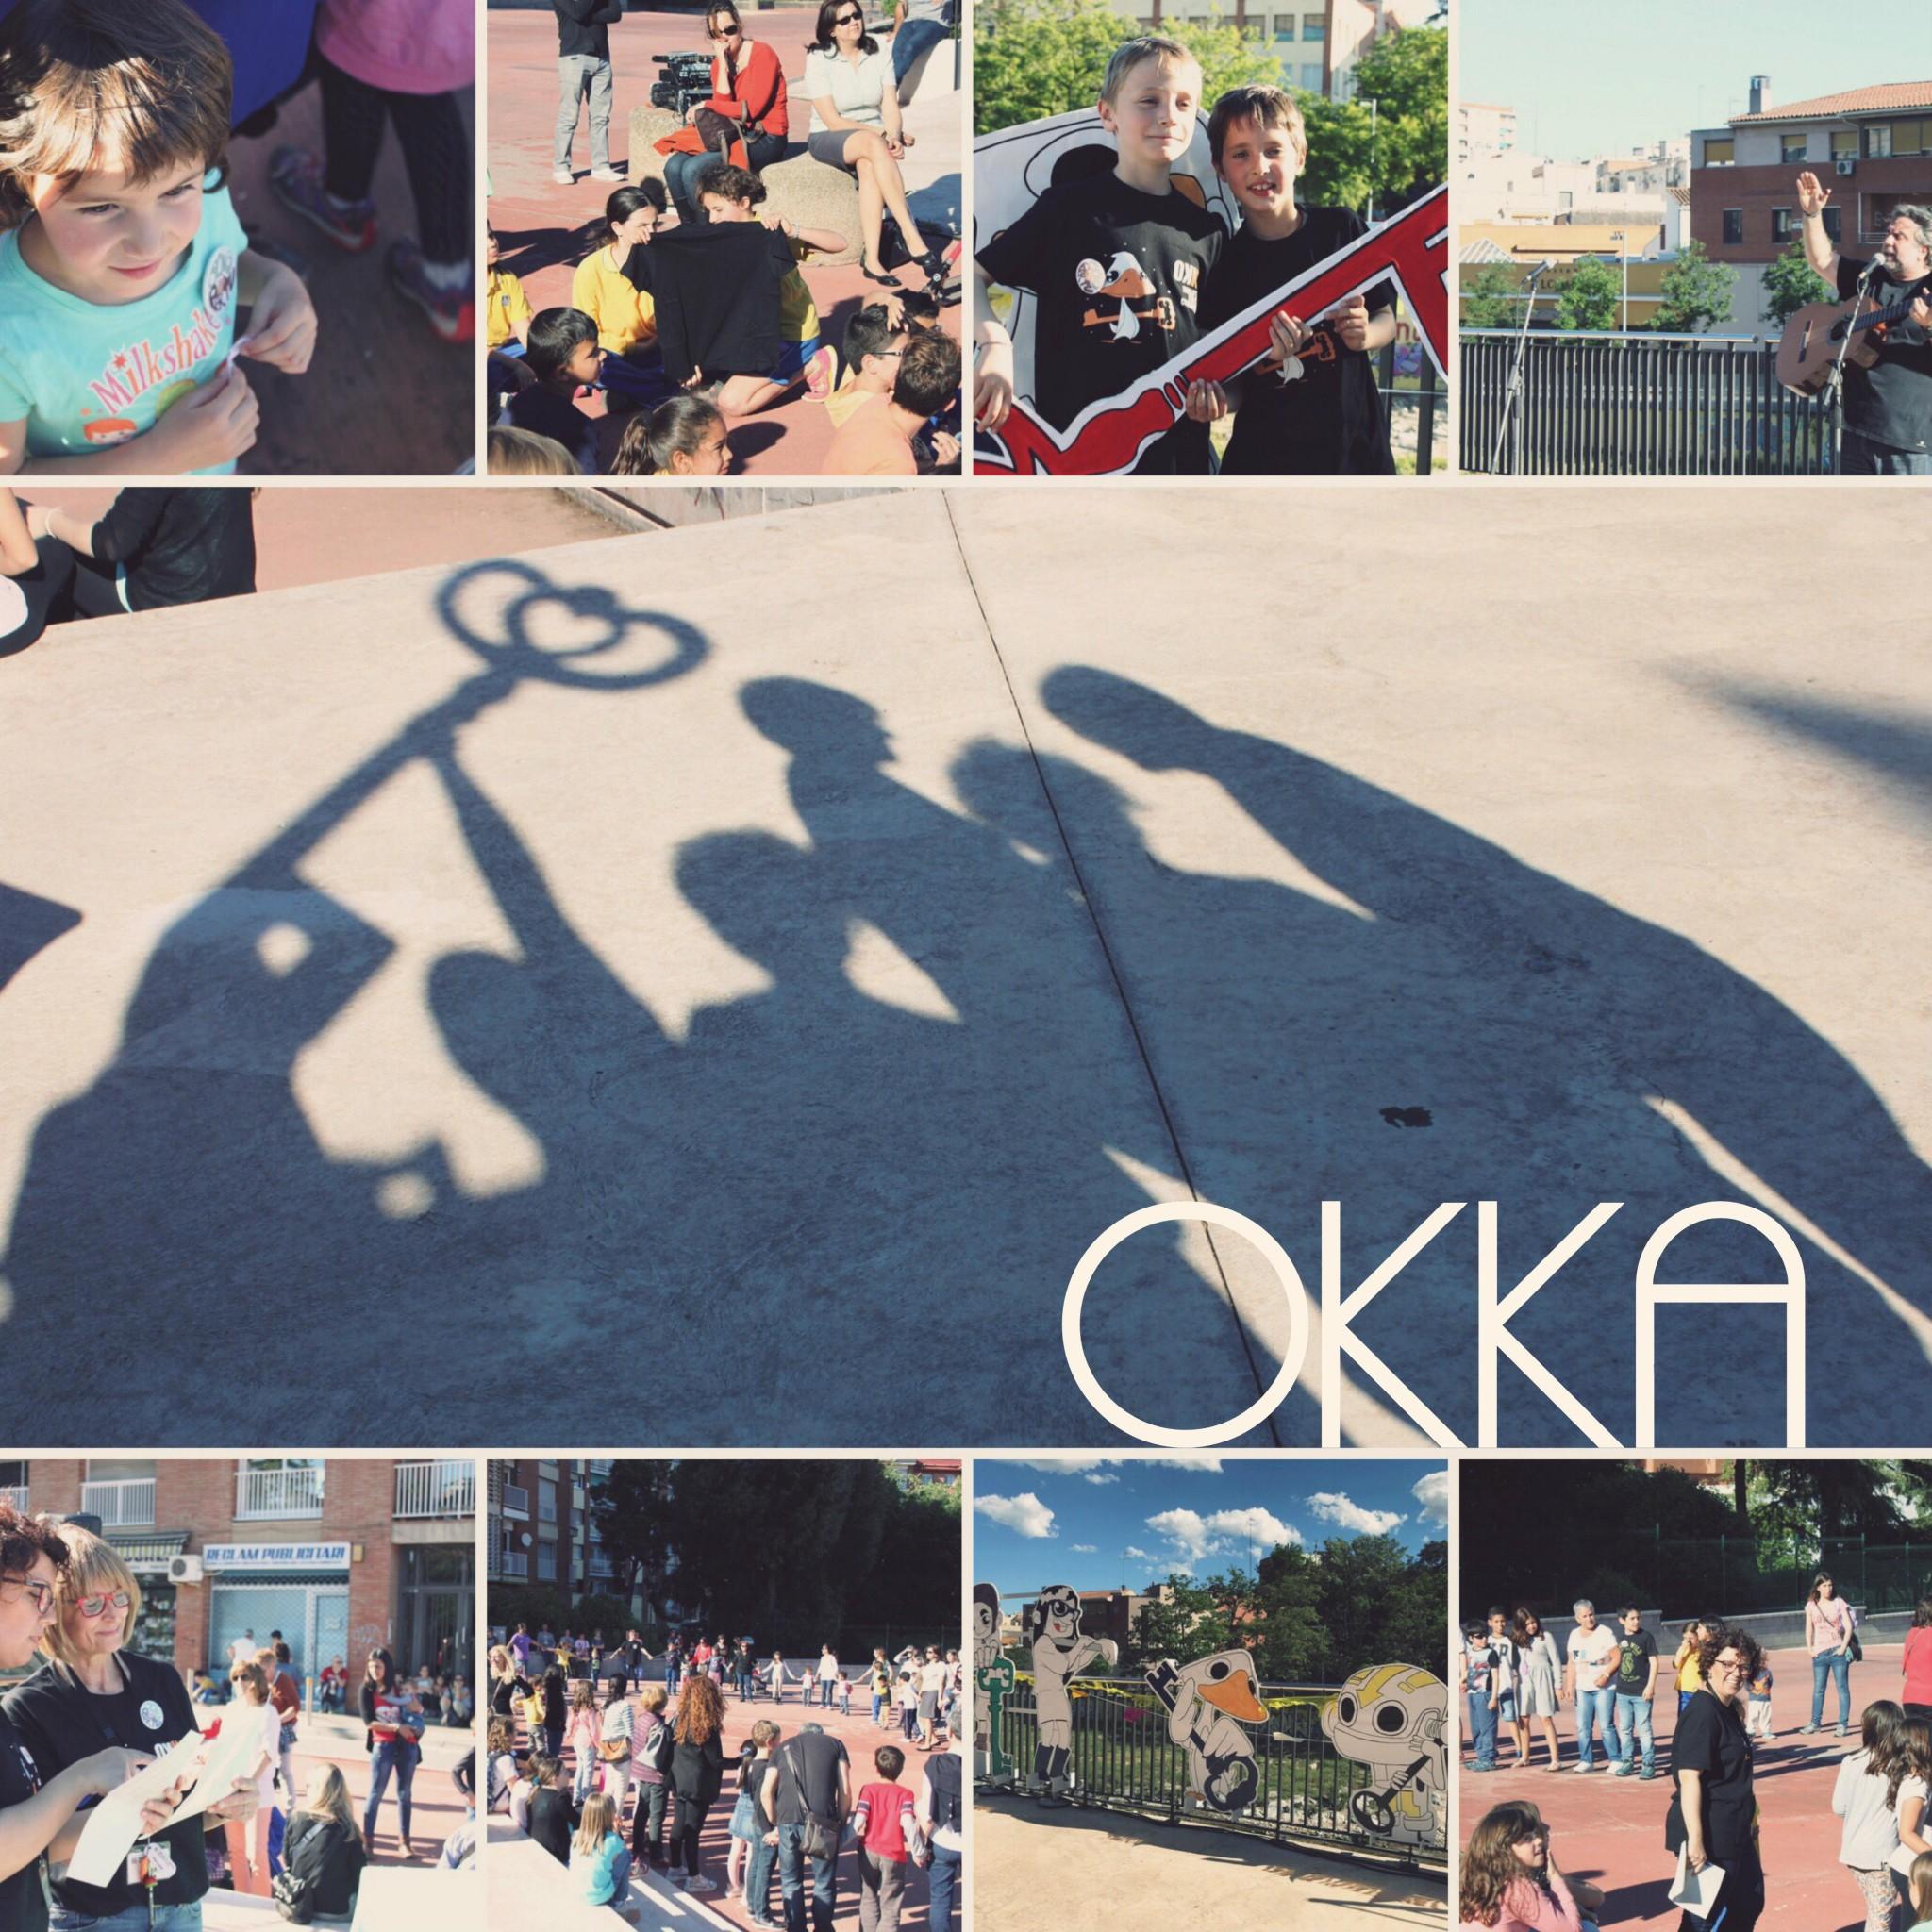 Composició amb instantànies de la Festa de l'Okka de l'any passat